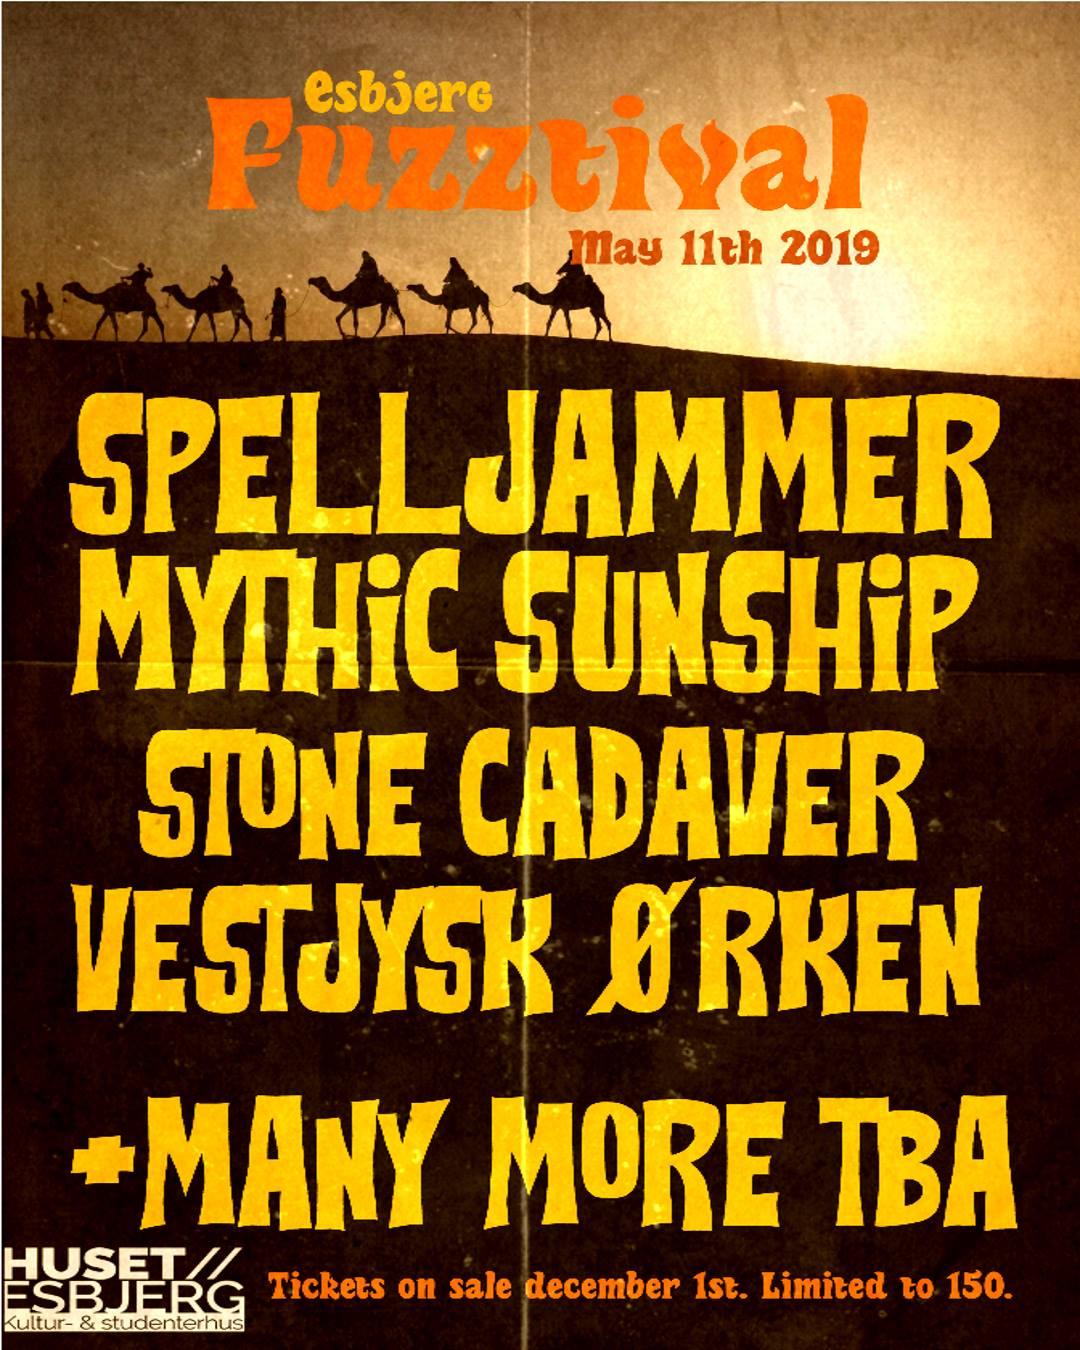 esbjerg fuzztival 2019 poster